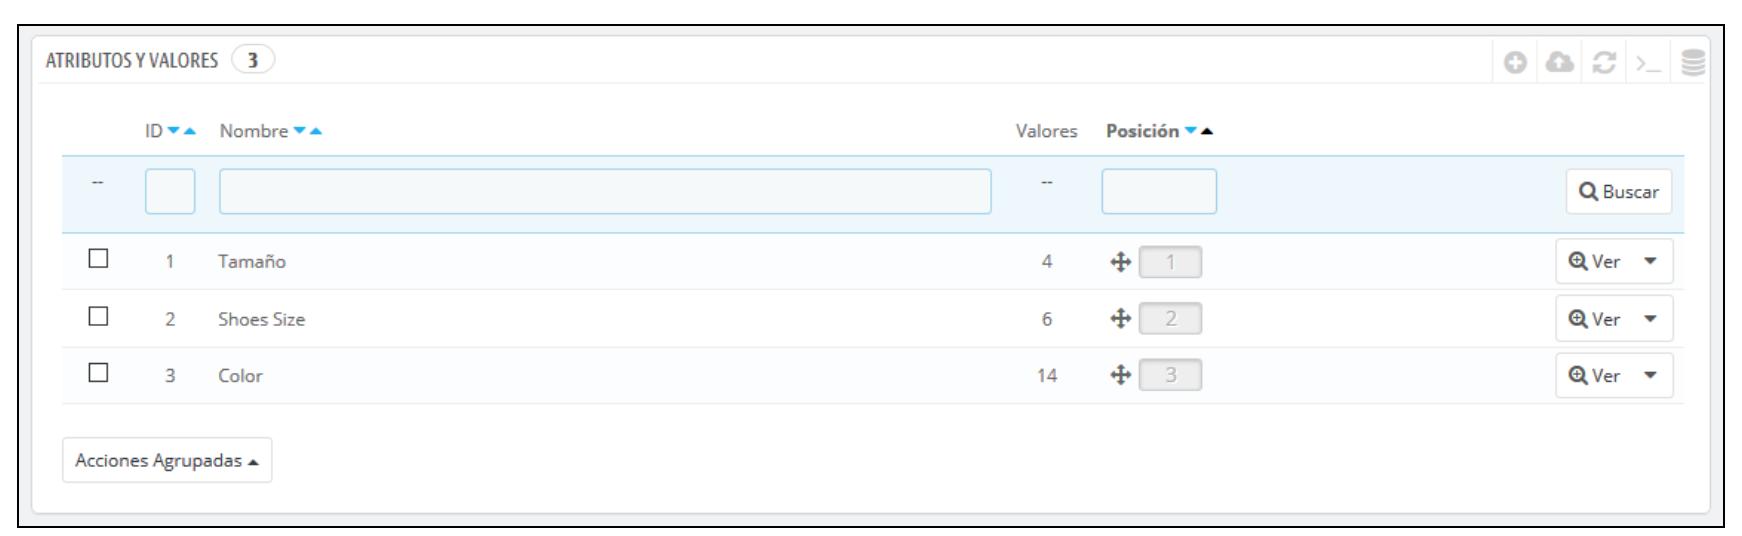 Alle generierten Attribute werden in einer Liste angezeigt.